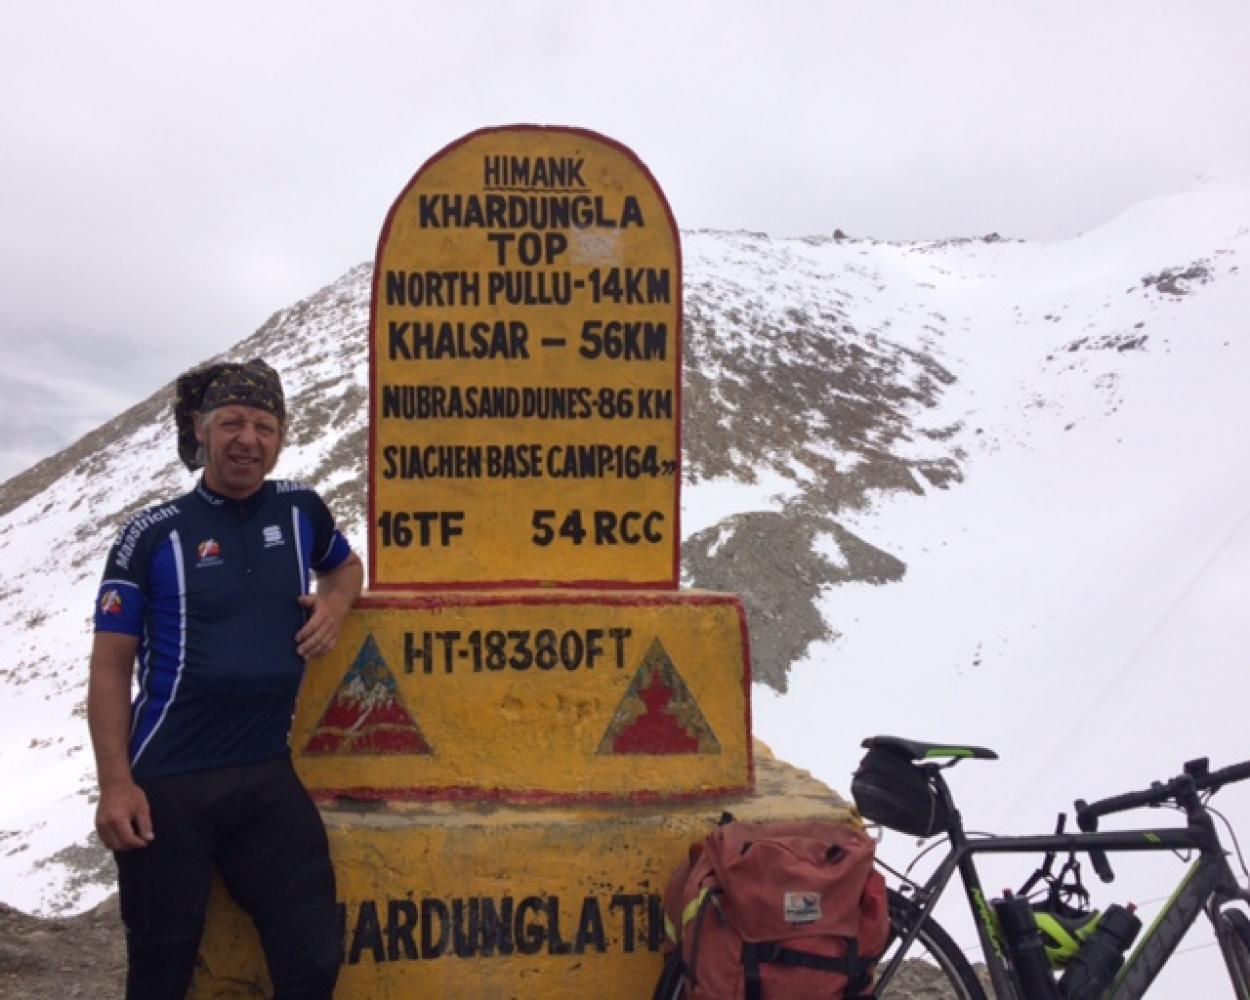 Khardung La Pass Bike Climb - PJAMM Cycling